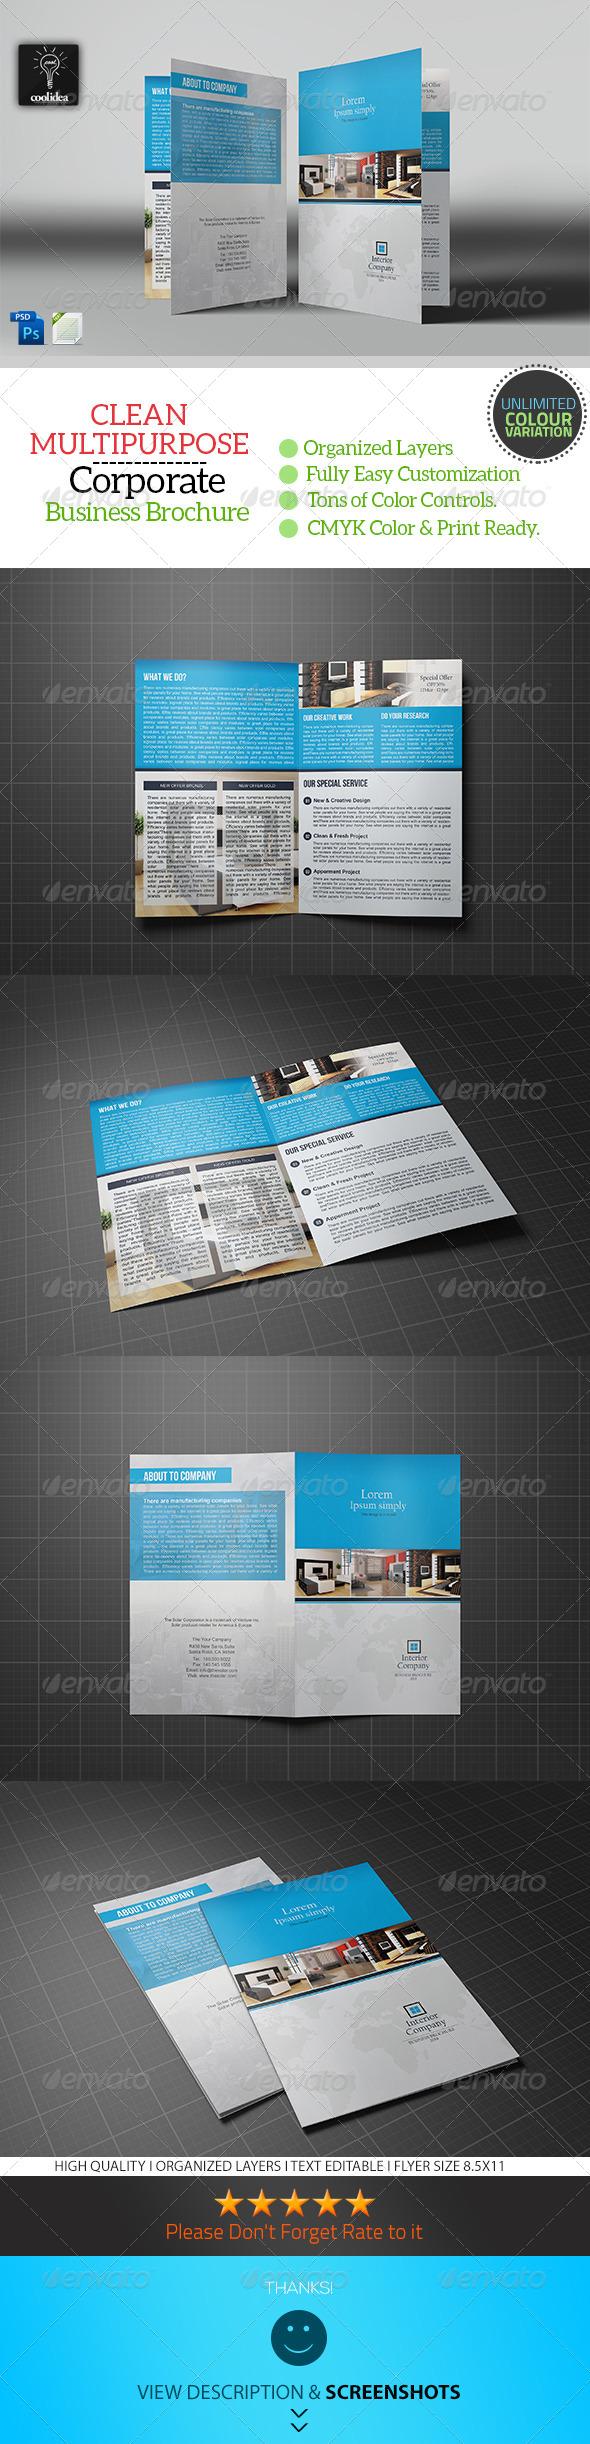 Interior Bifold Brochure Template - Corporate Brochures